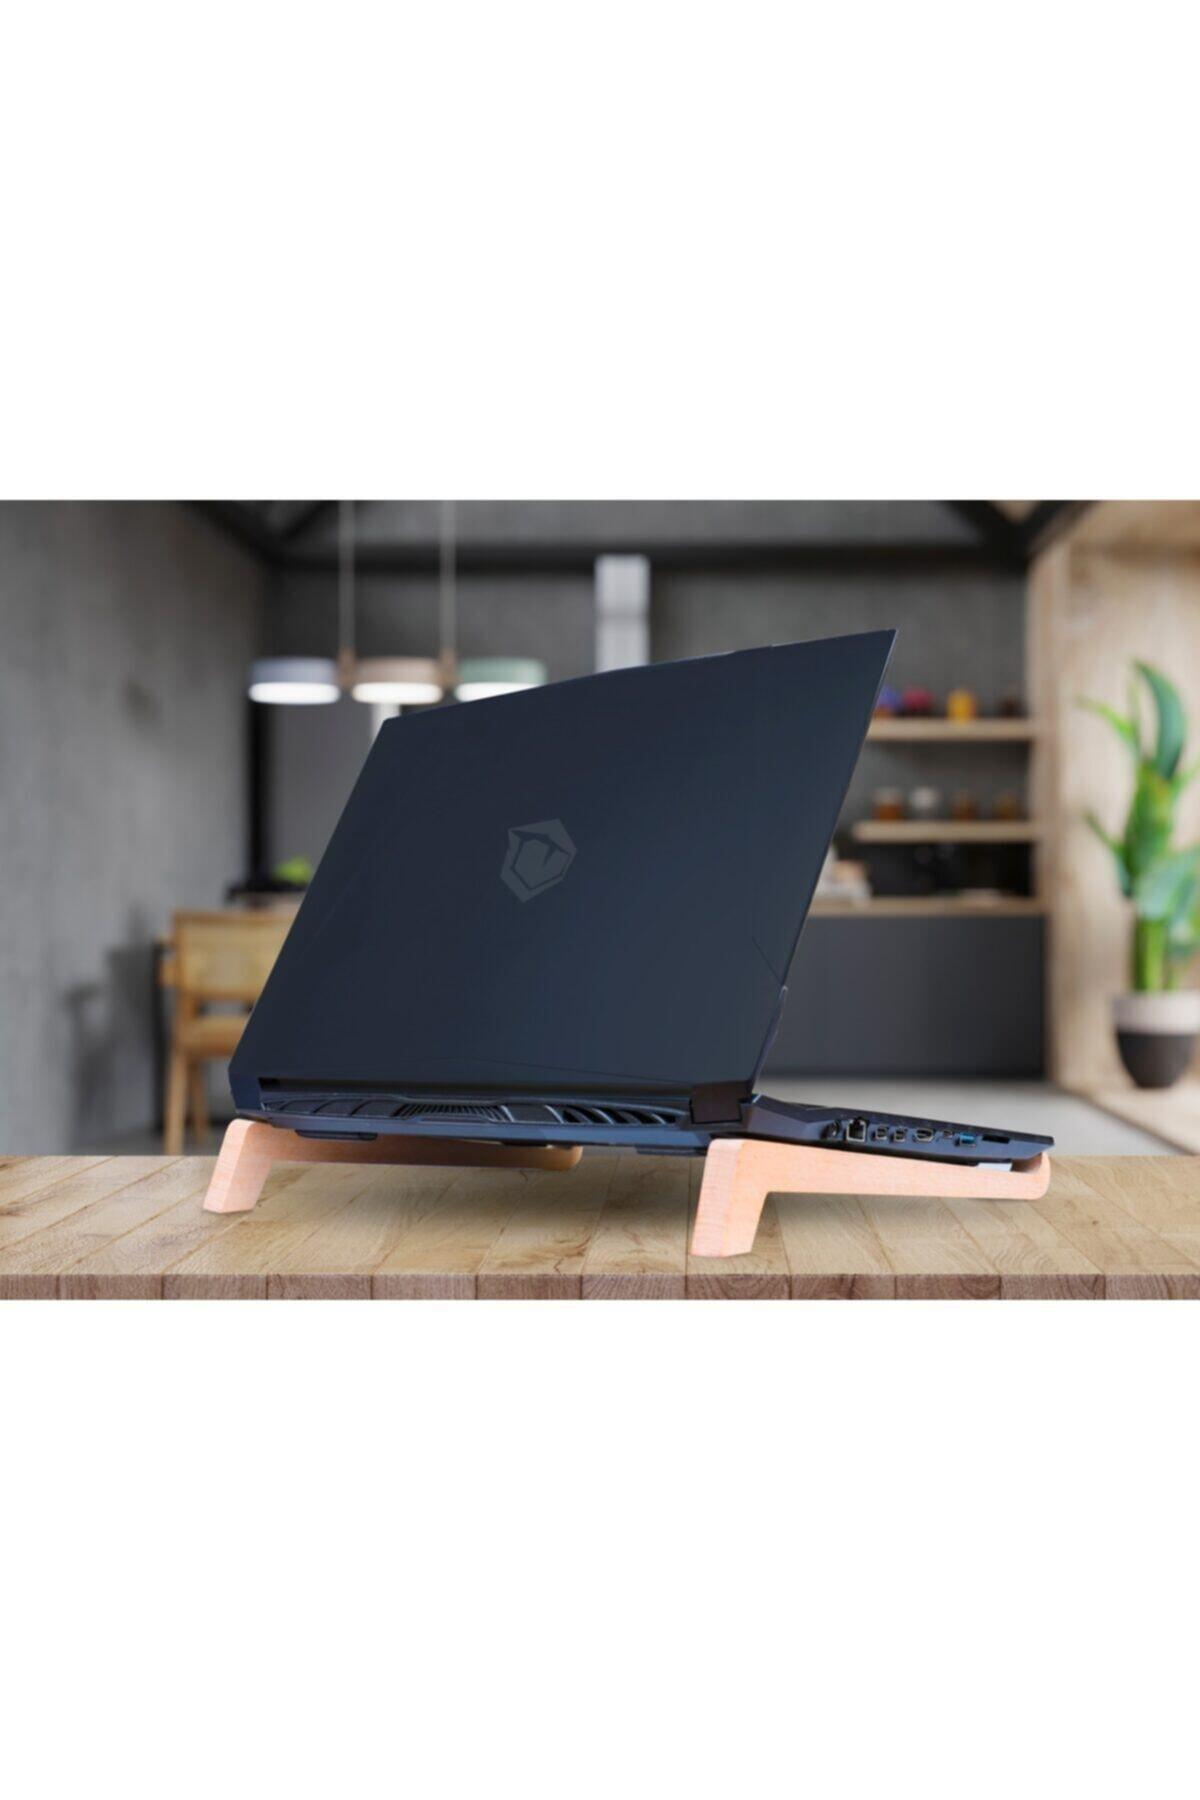 Laptop Tablet Standı Sehpası Soğutma Portatif Masif Ağaç Oyma Laptopstand